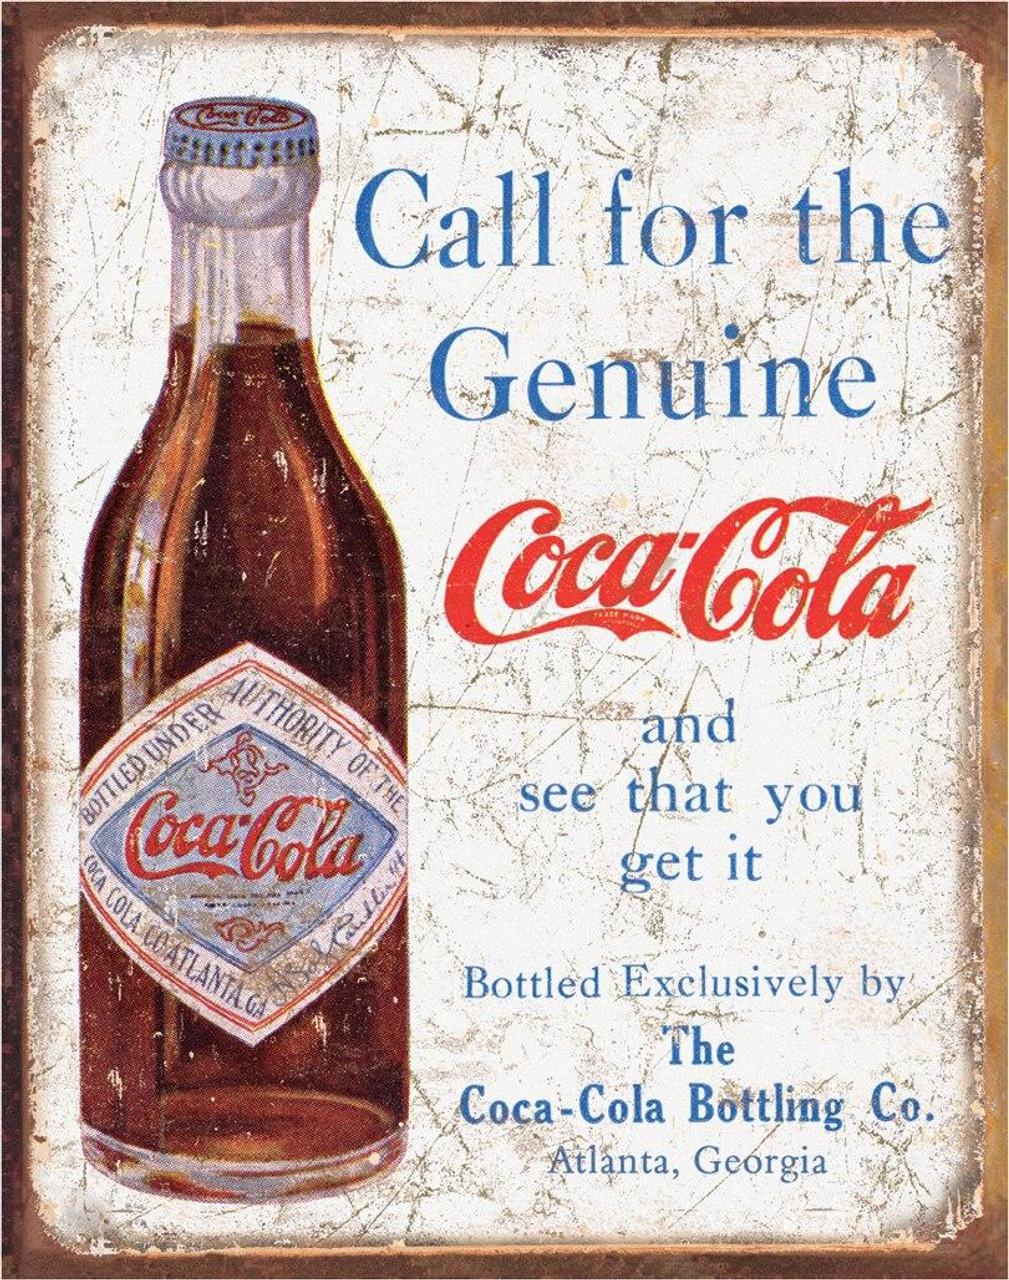 Coca-Cola COKE - Call for the Geniune